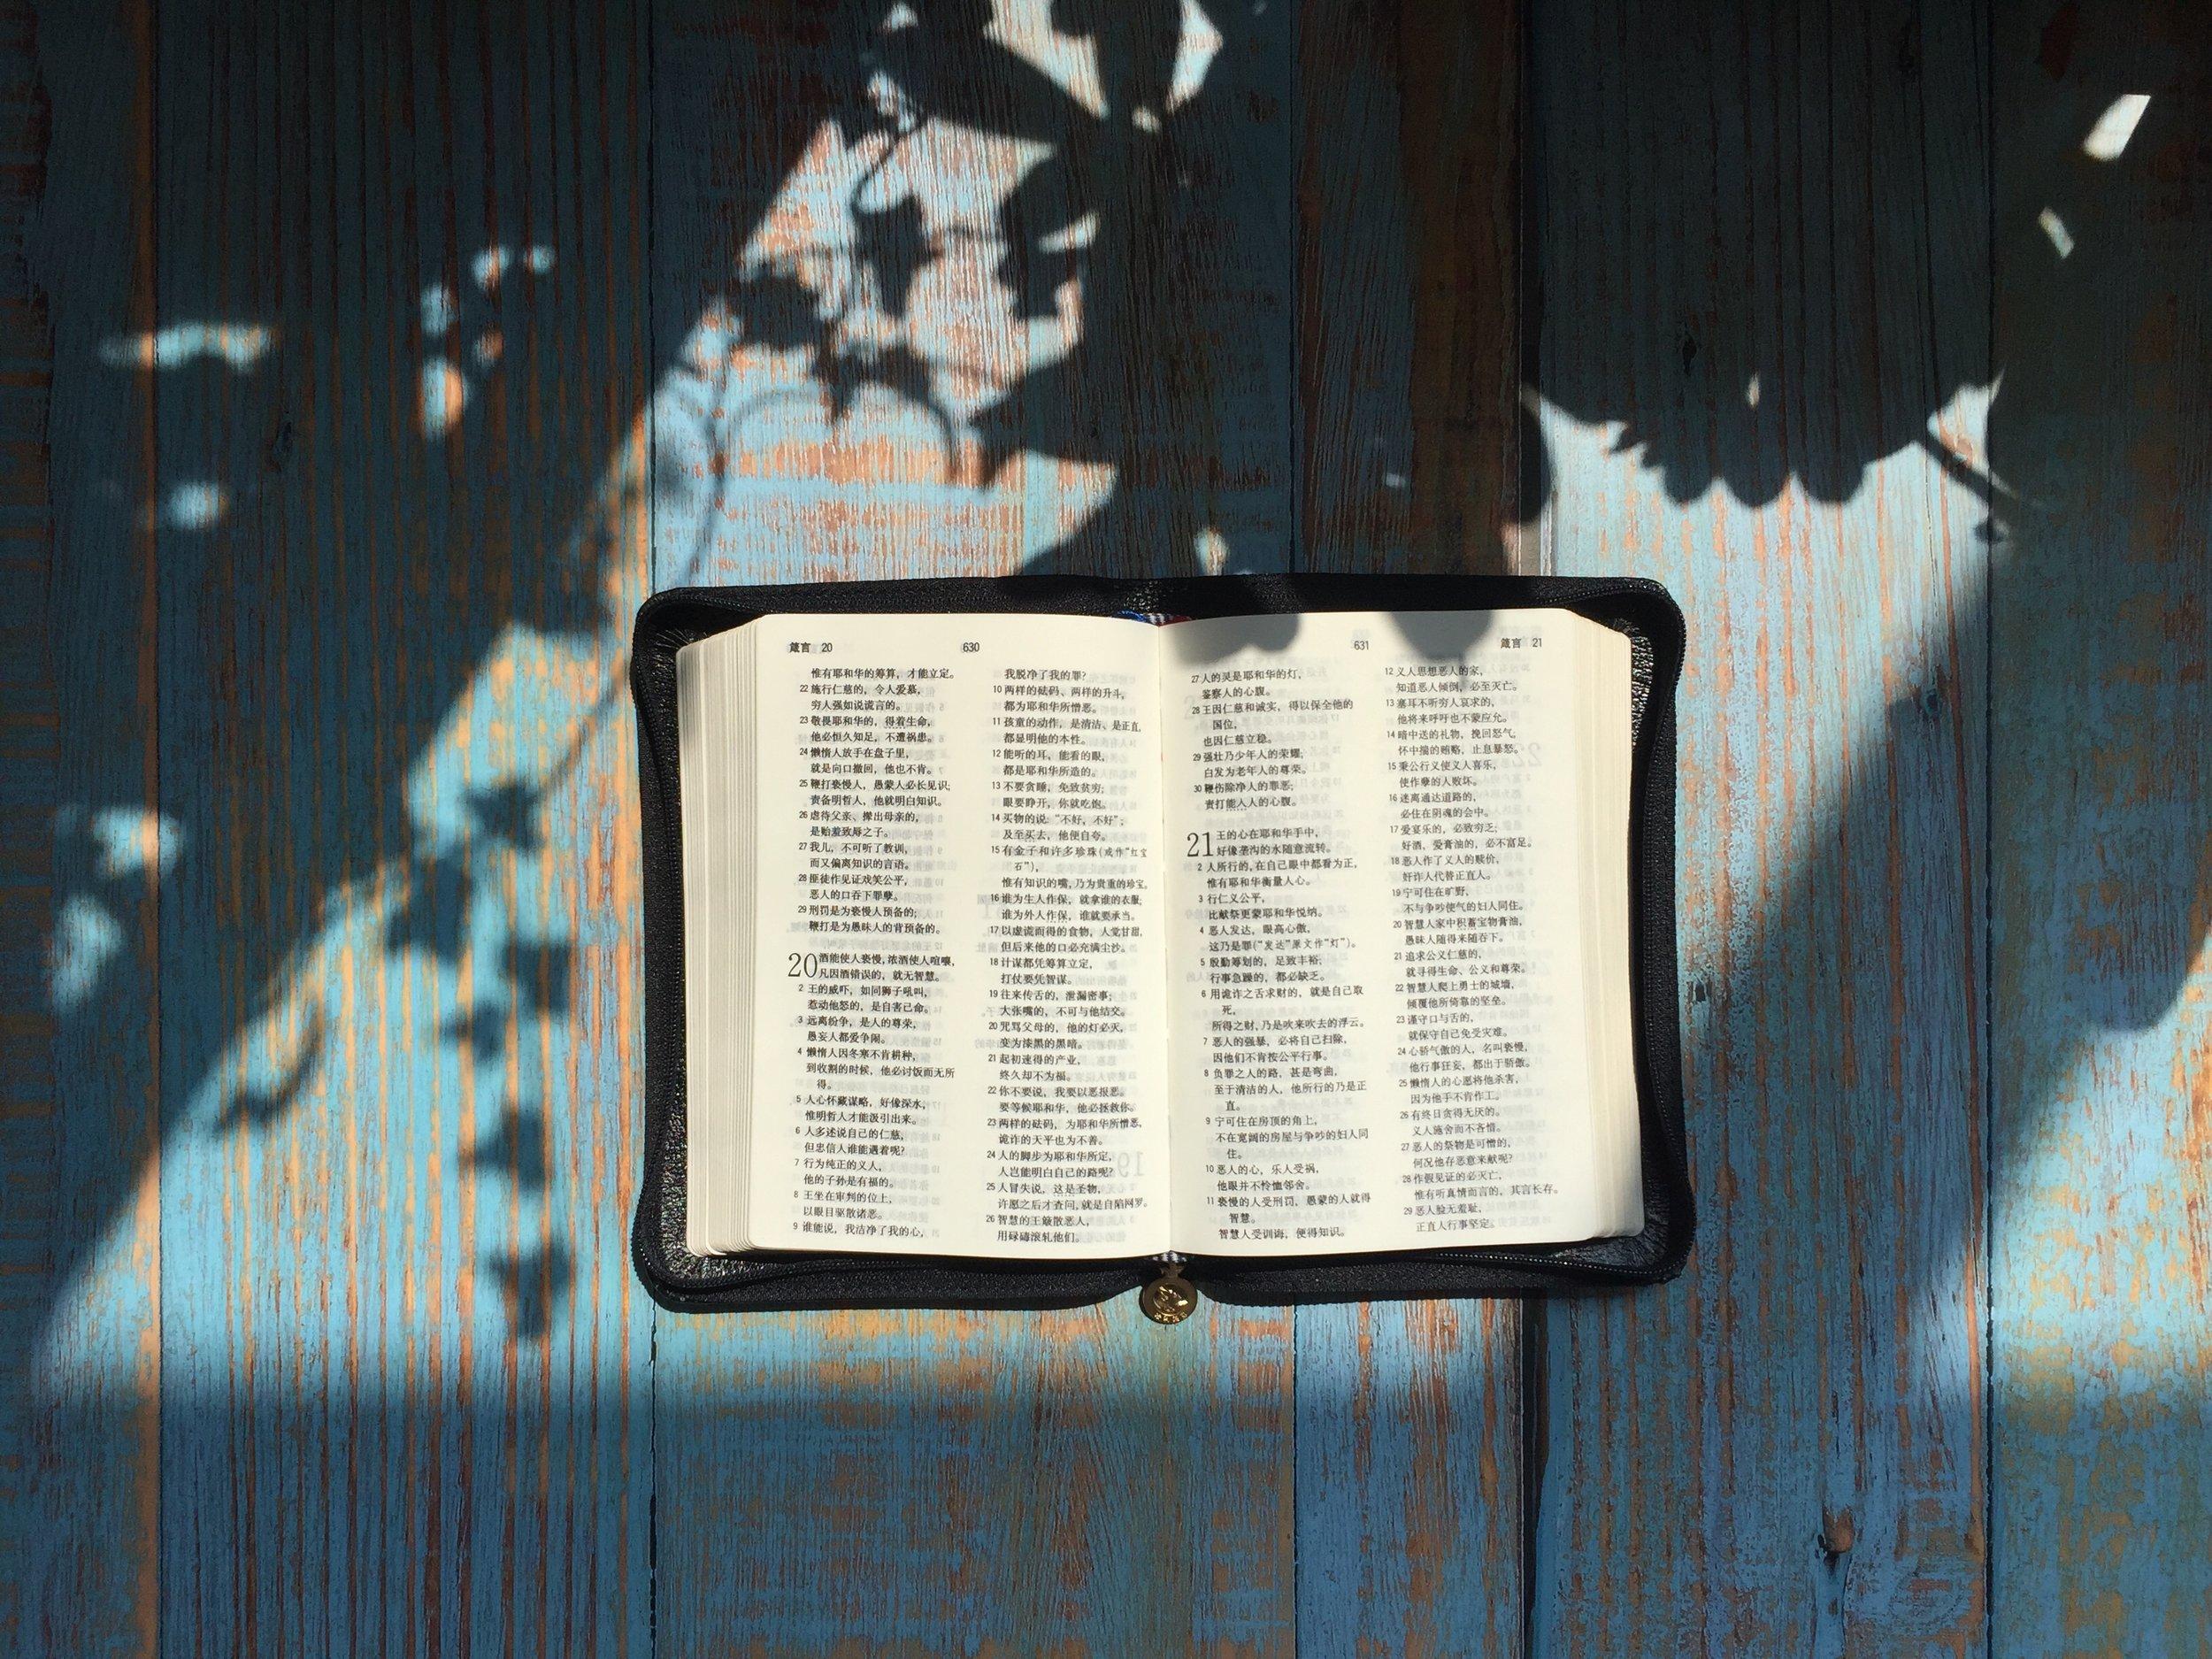 Luke 16.19-31 -